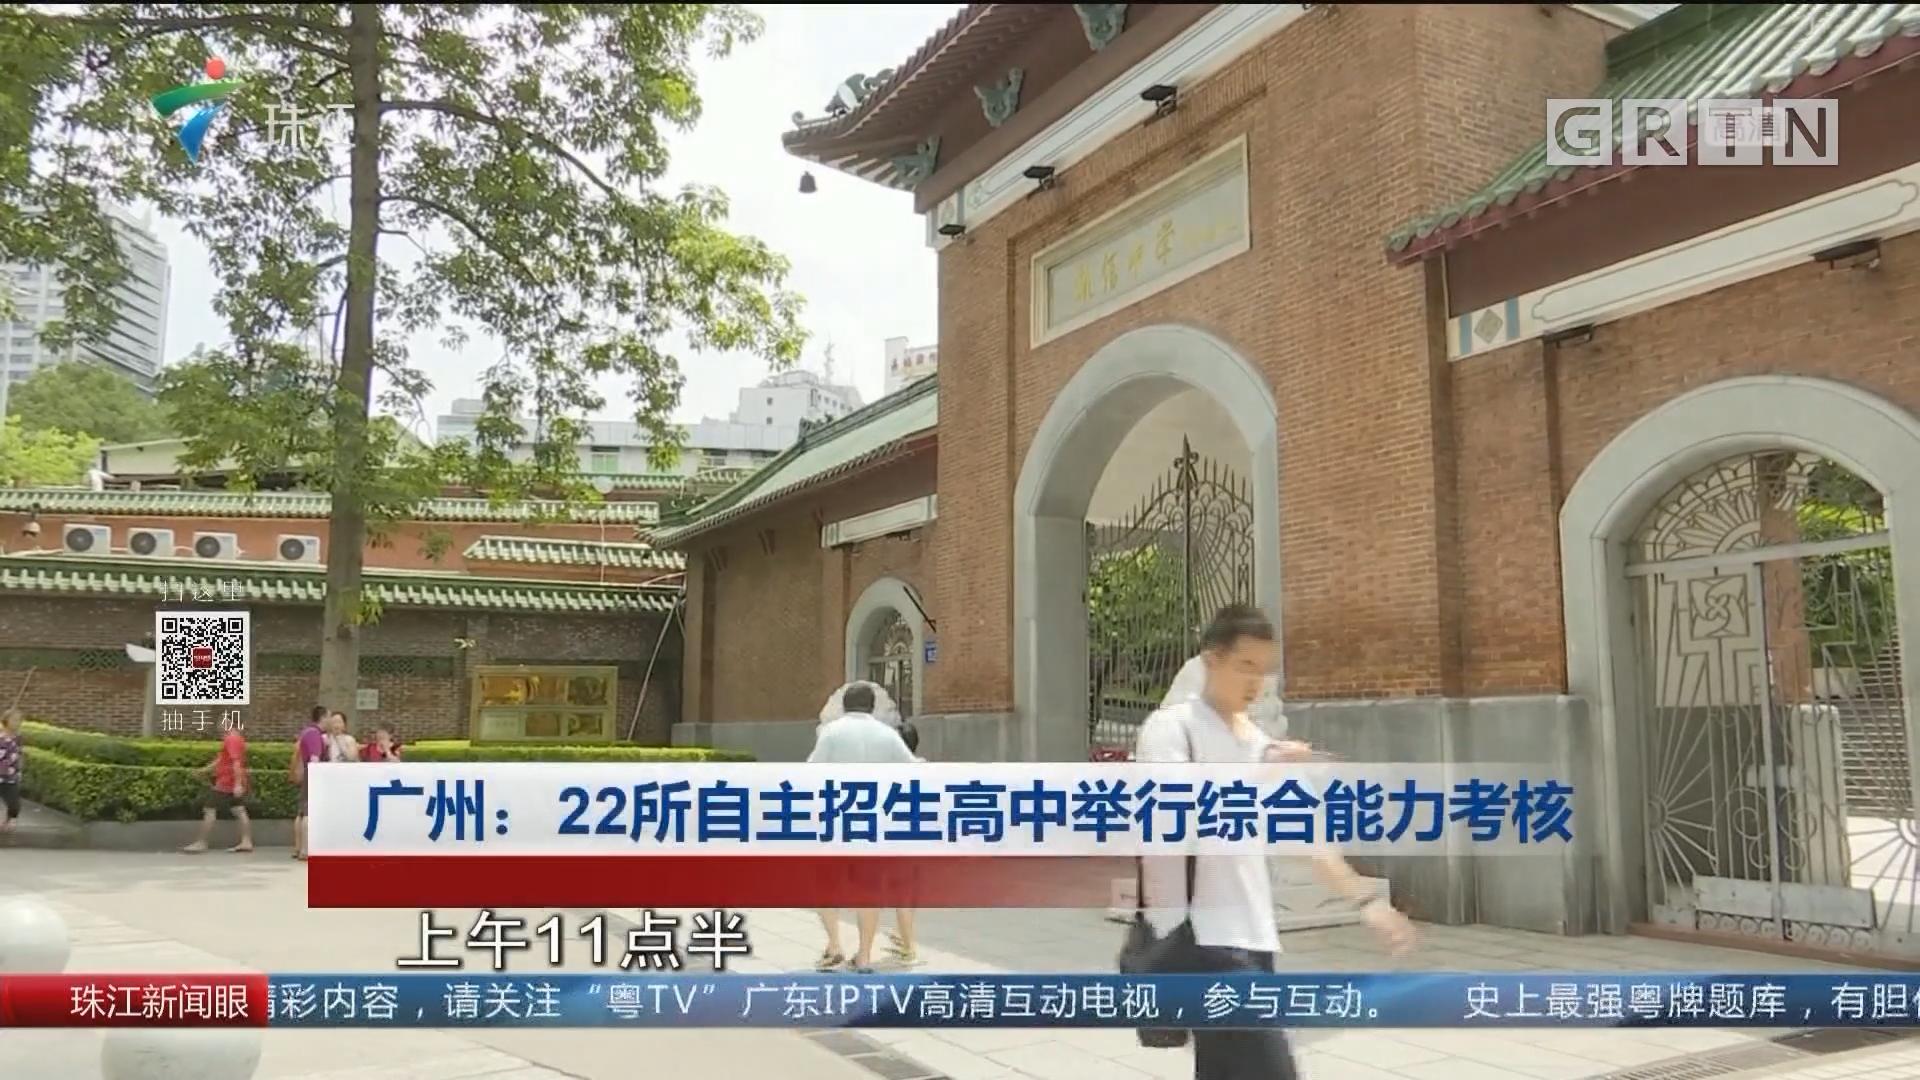 廣州:22所自主招生高中舉行綜合能力考核